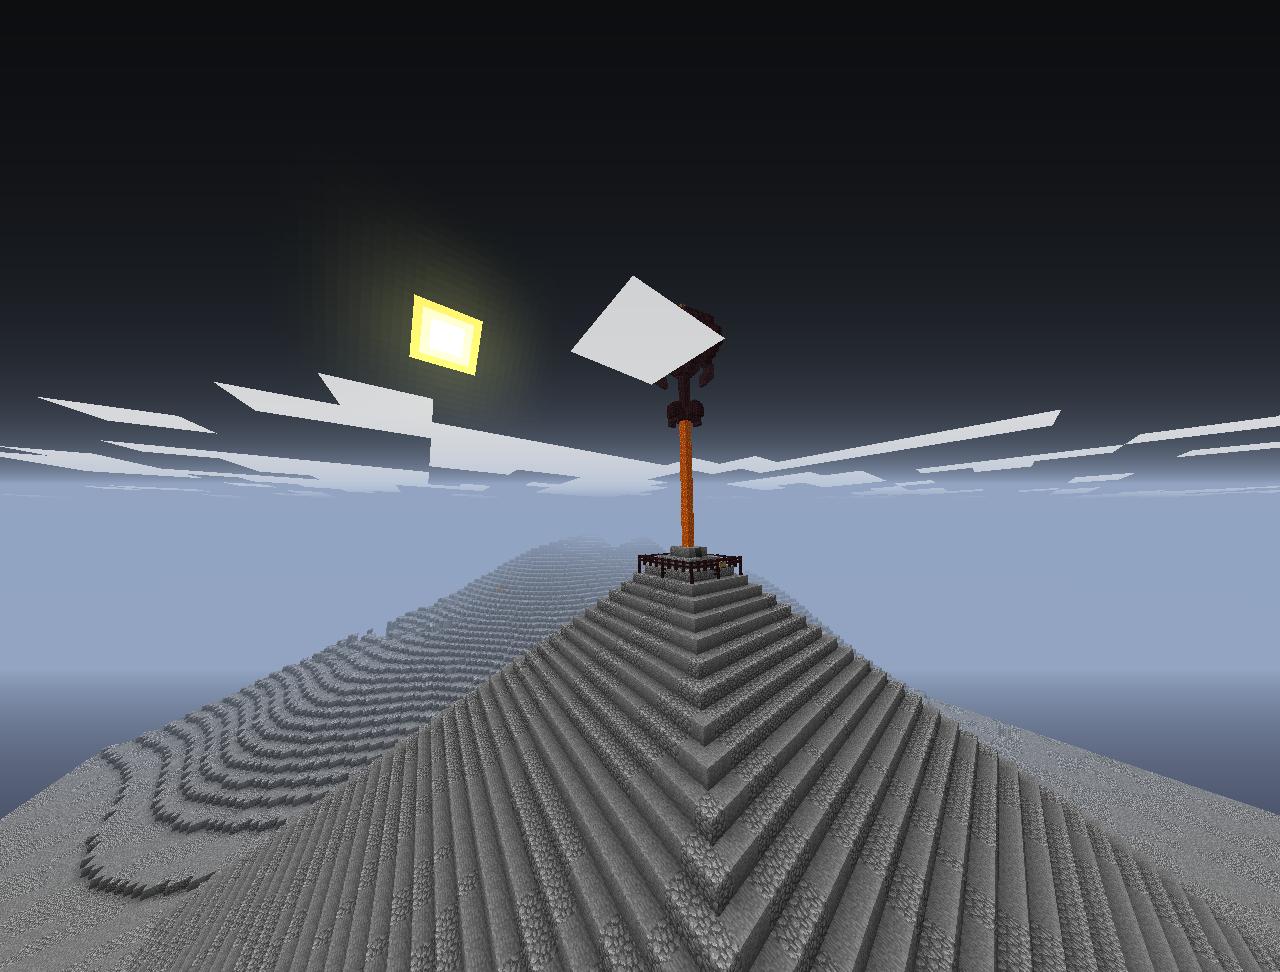 Et oui, il y a des pyramides sur la lune !